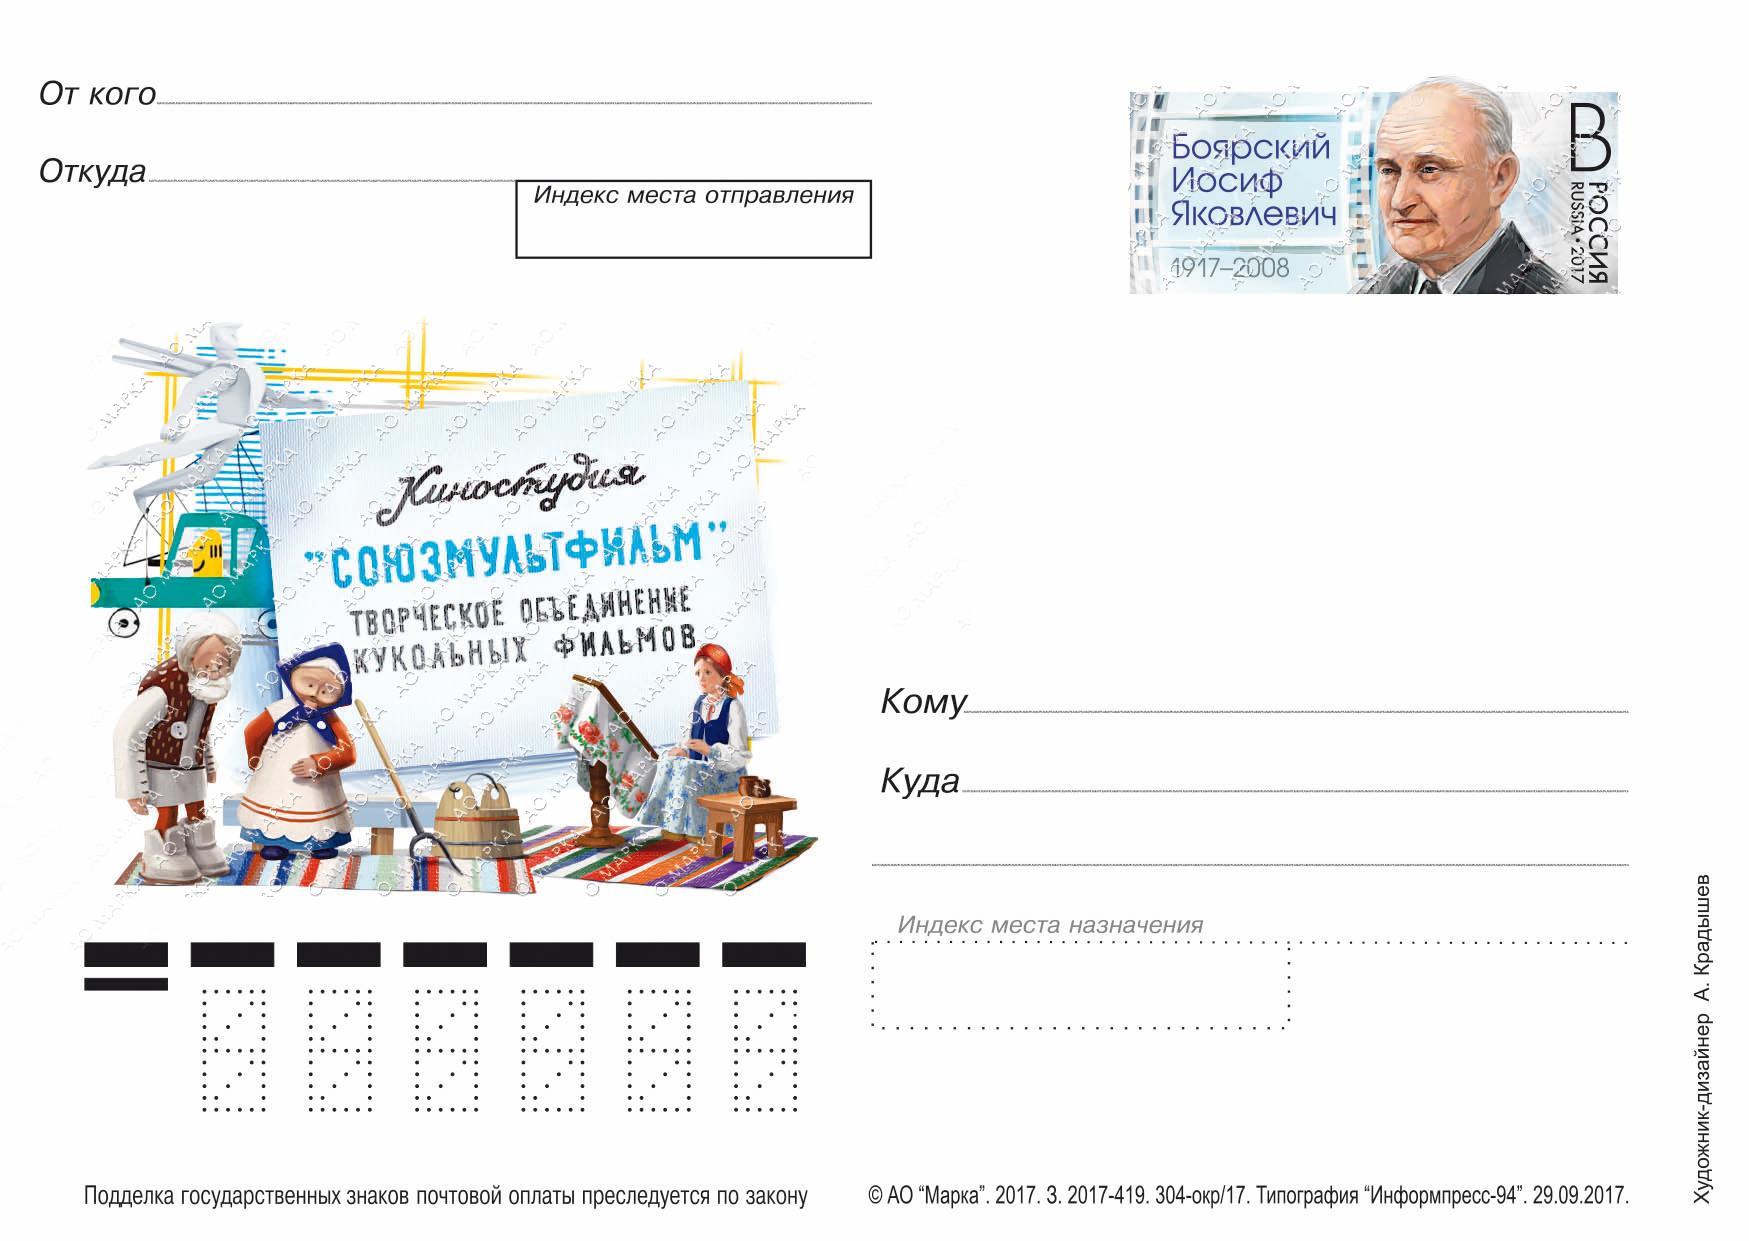 俄罗斯10月18日发行约瑟夫・雅科夫列维奇・博亚尔斯基诞辰100周年邮资片